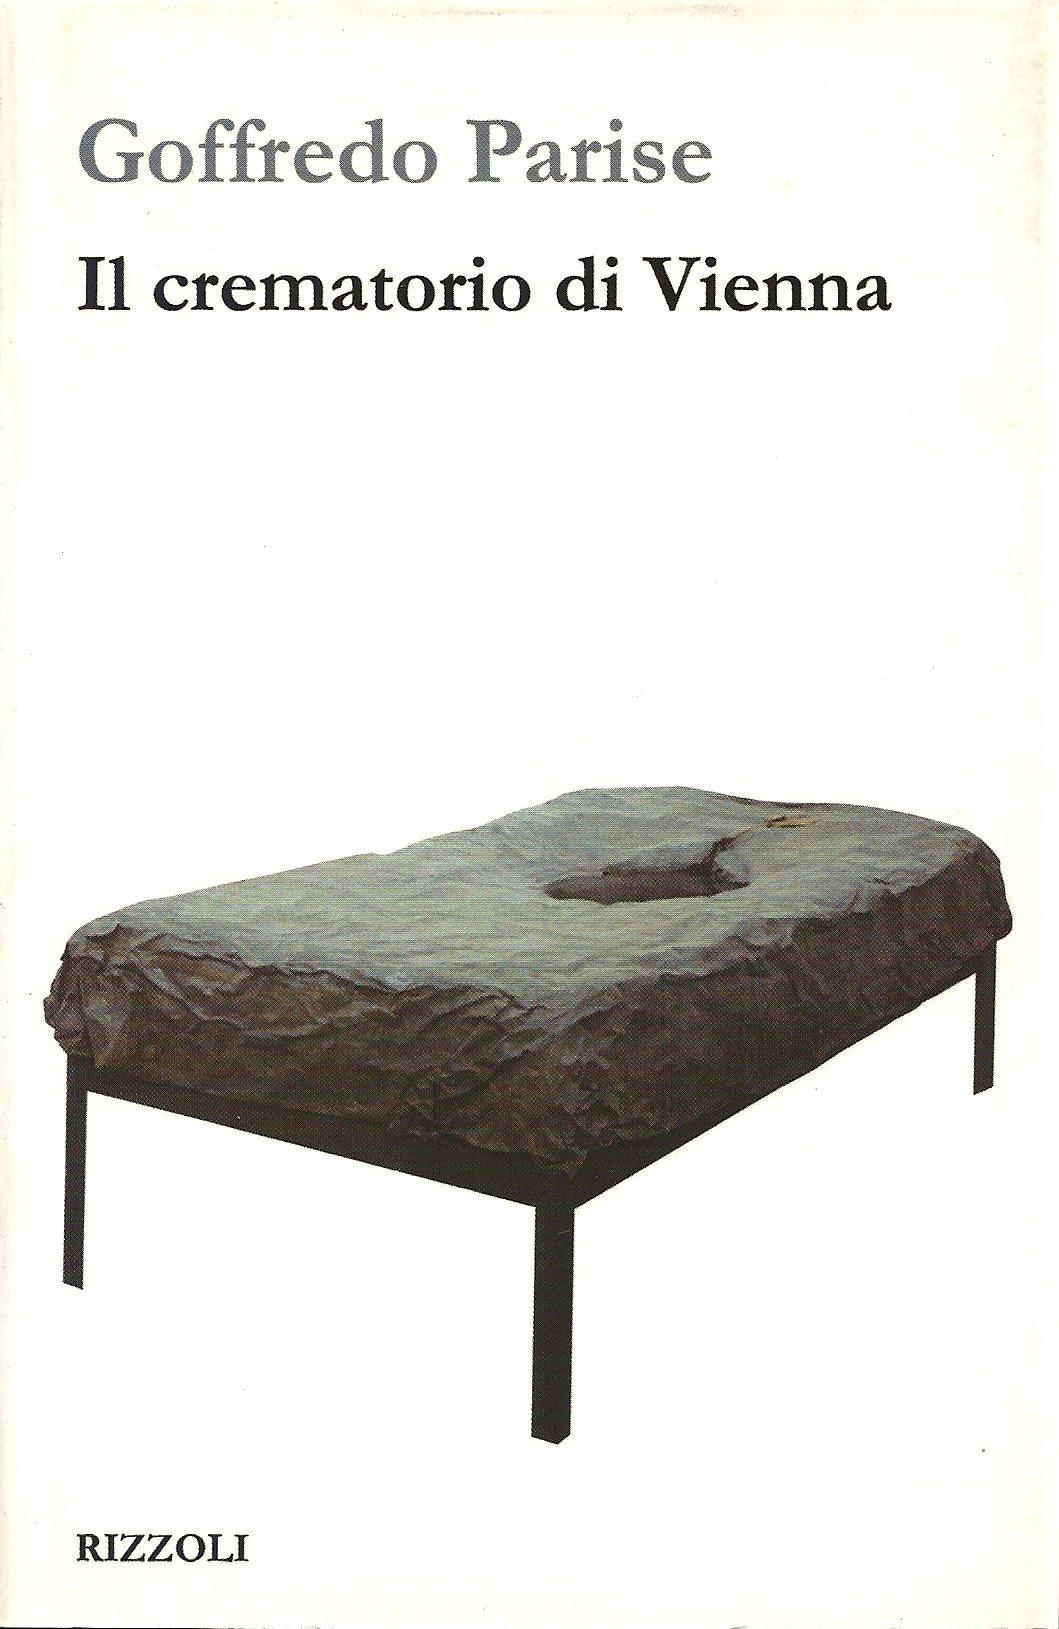 Il crematorio di Vienna